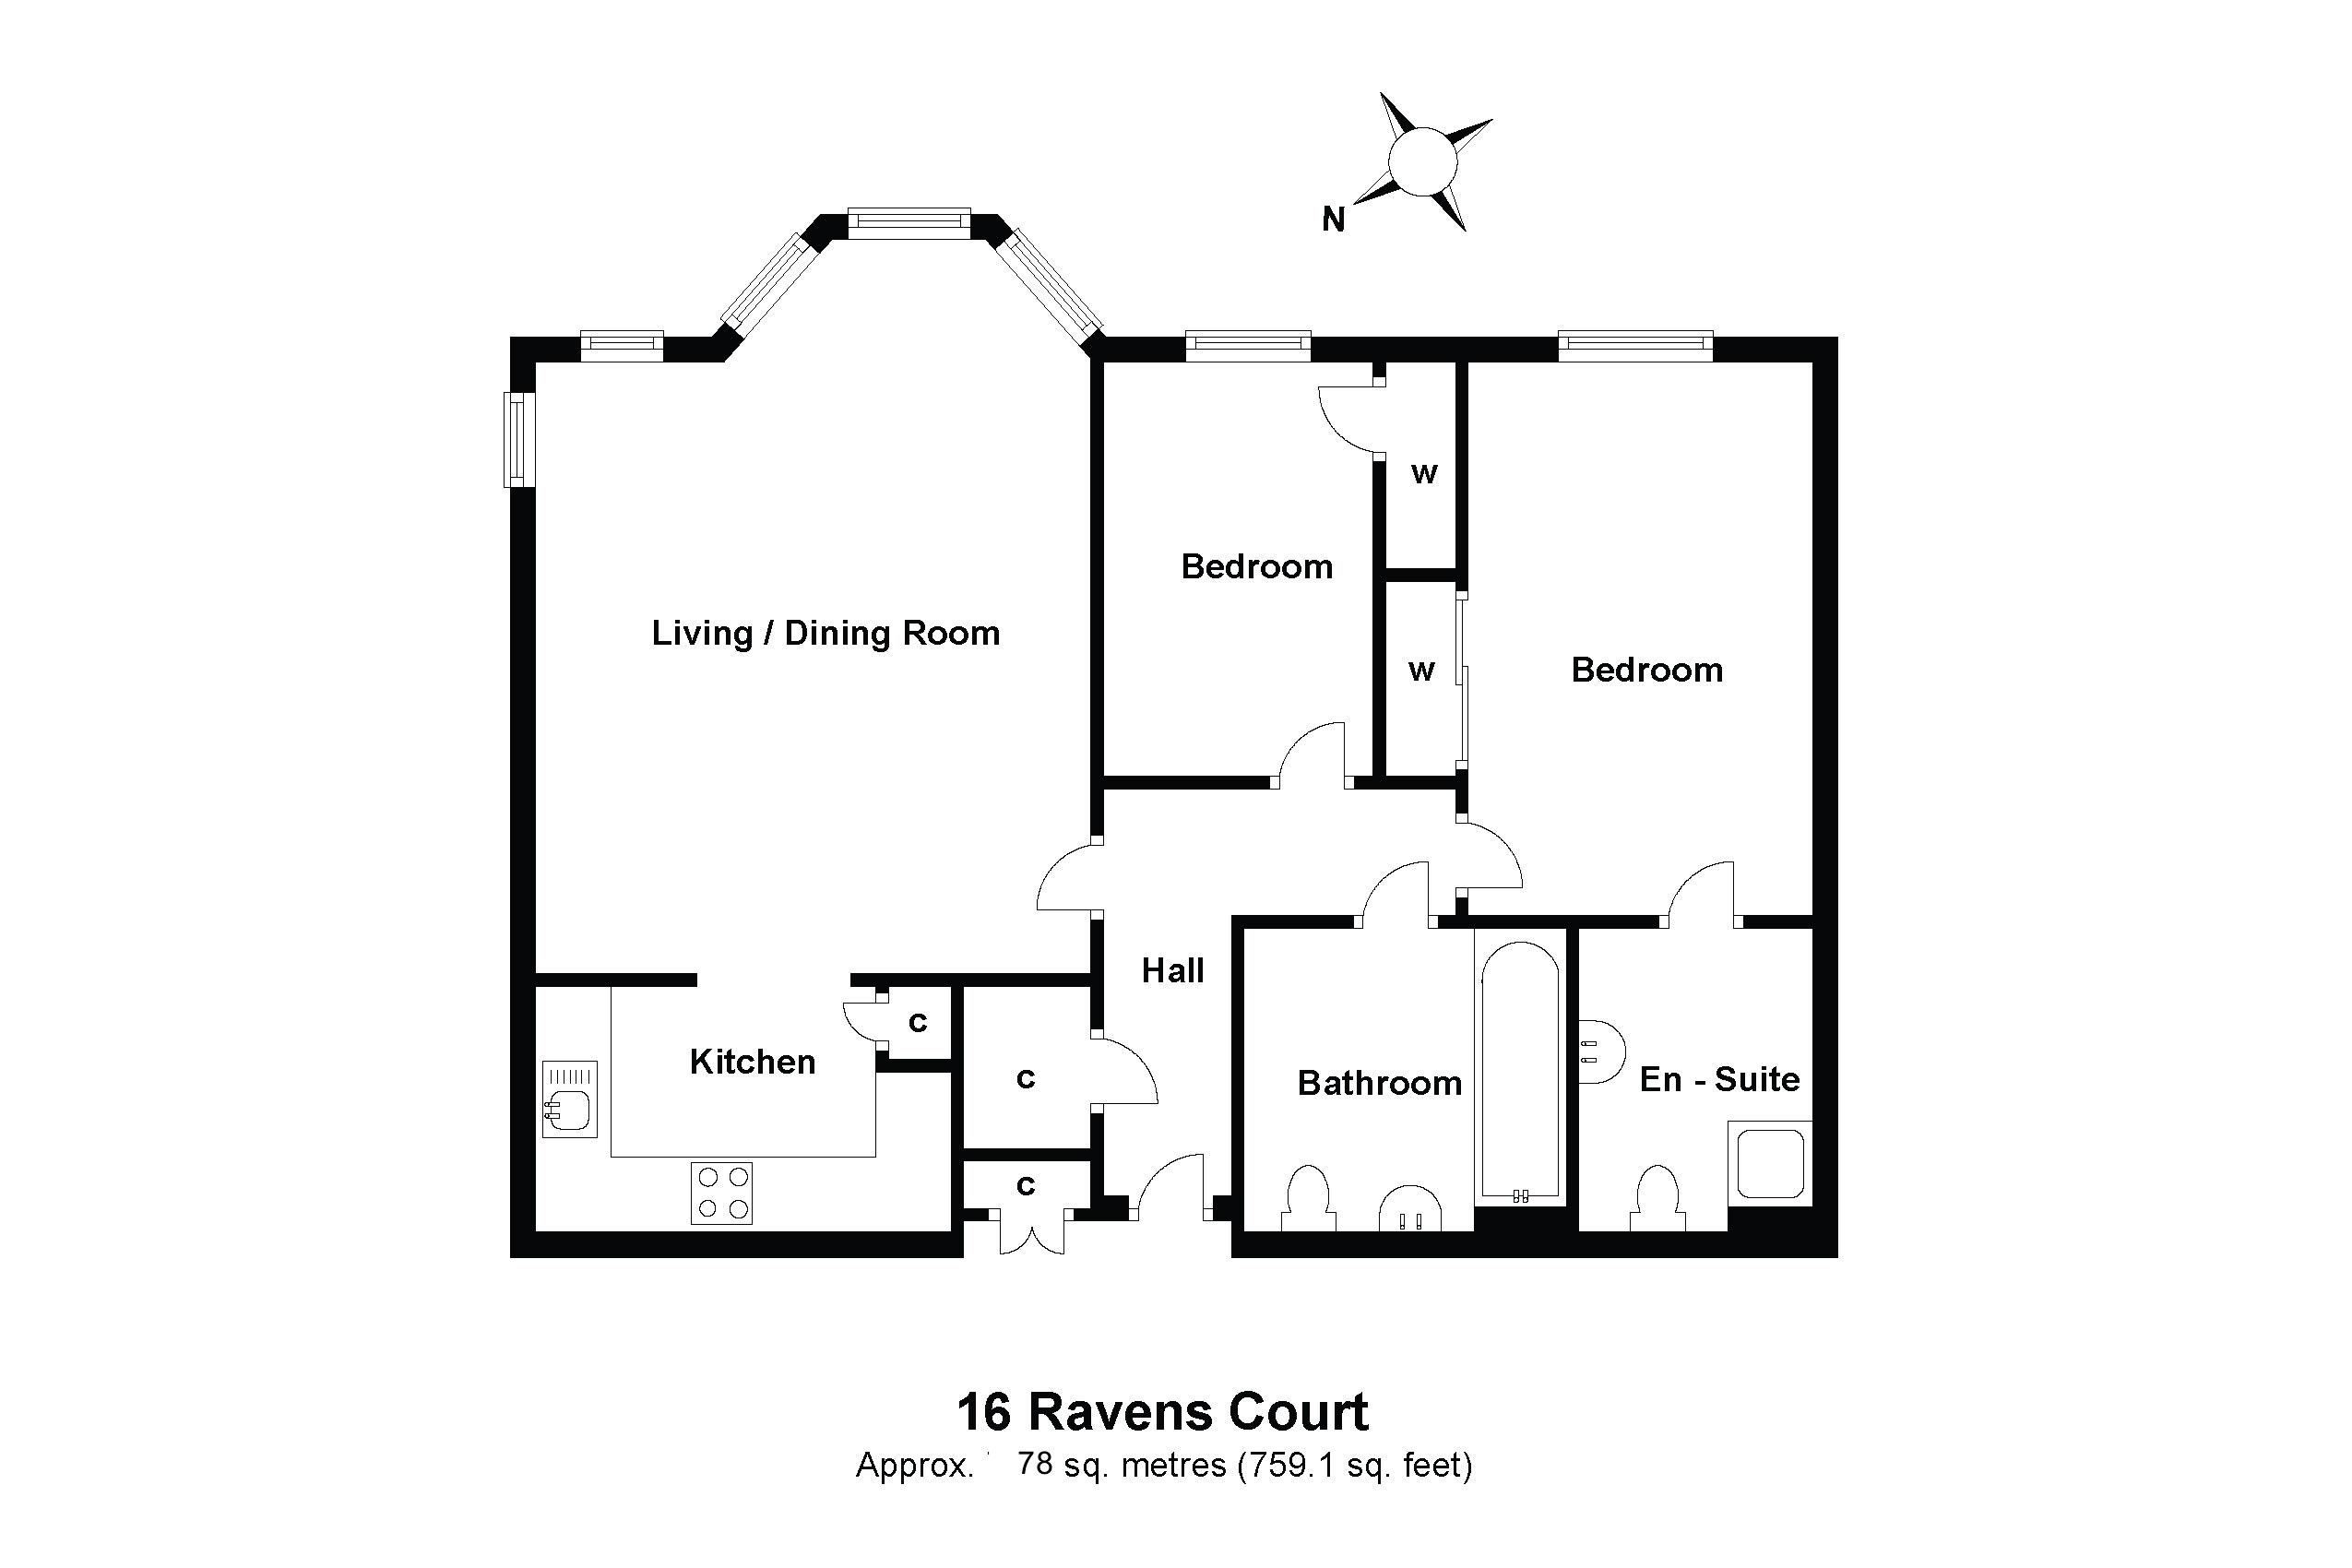 16 Ravens Court Floorplan